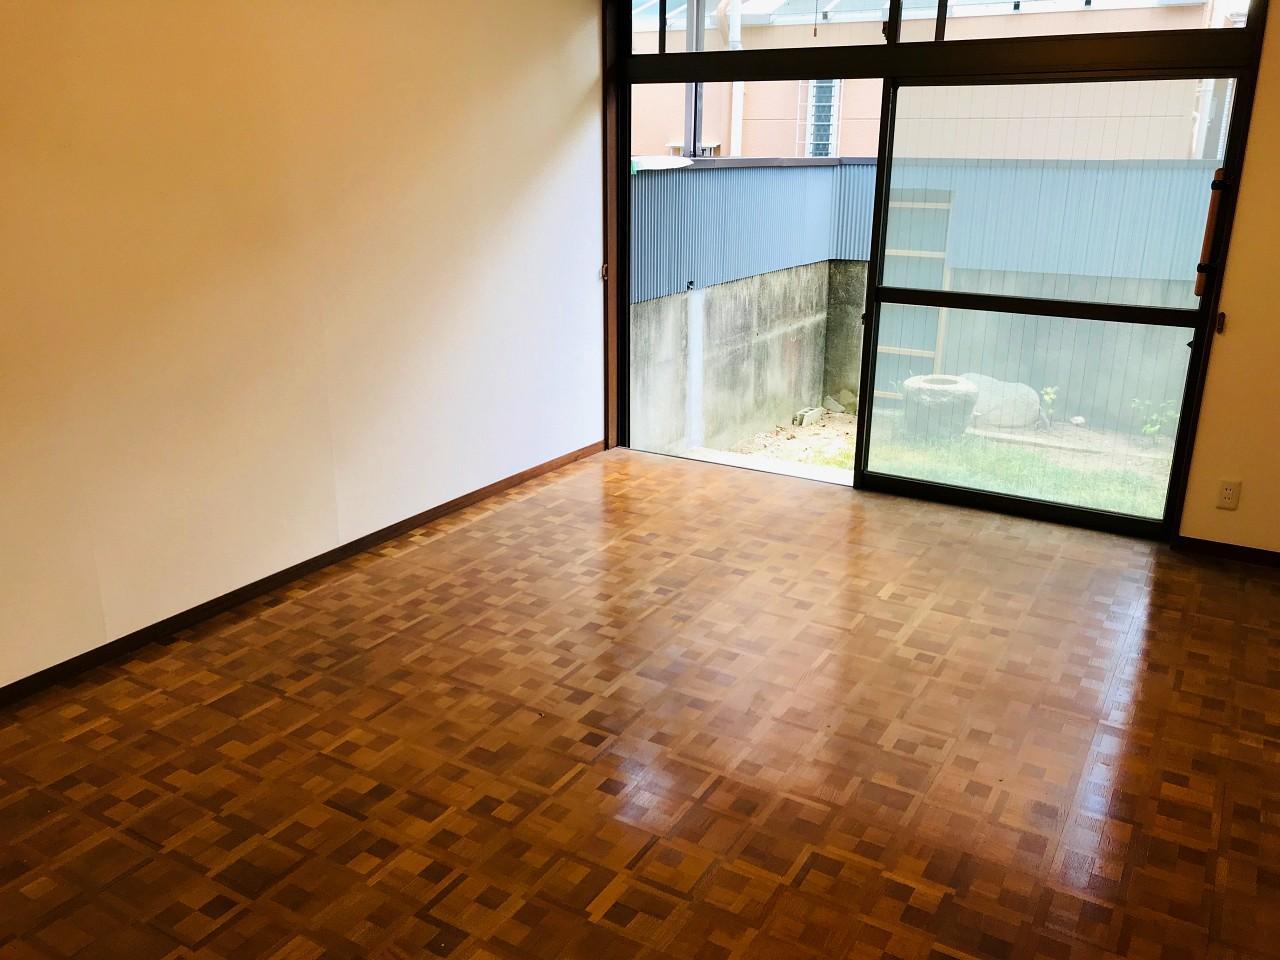 木組み風の床材もかわいい